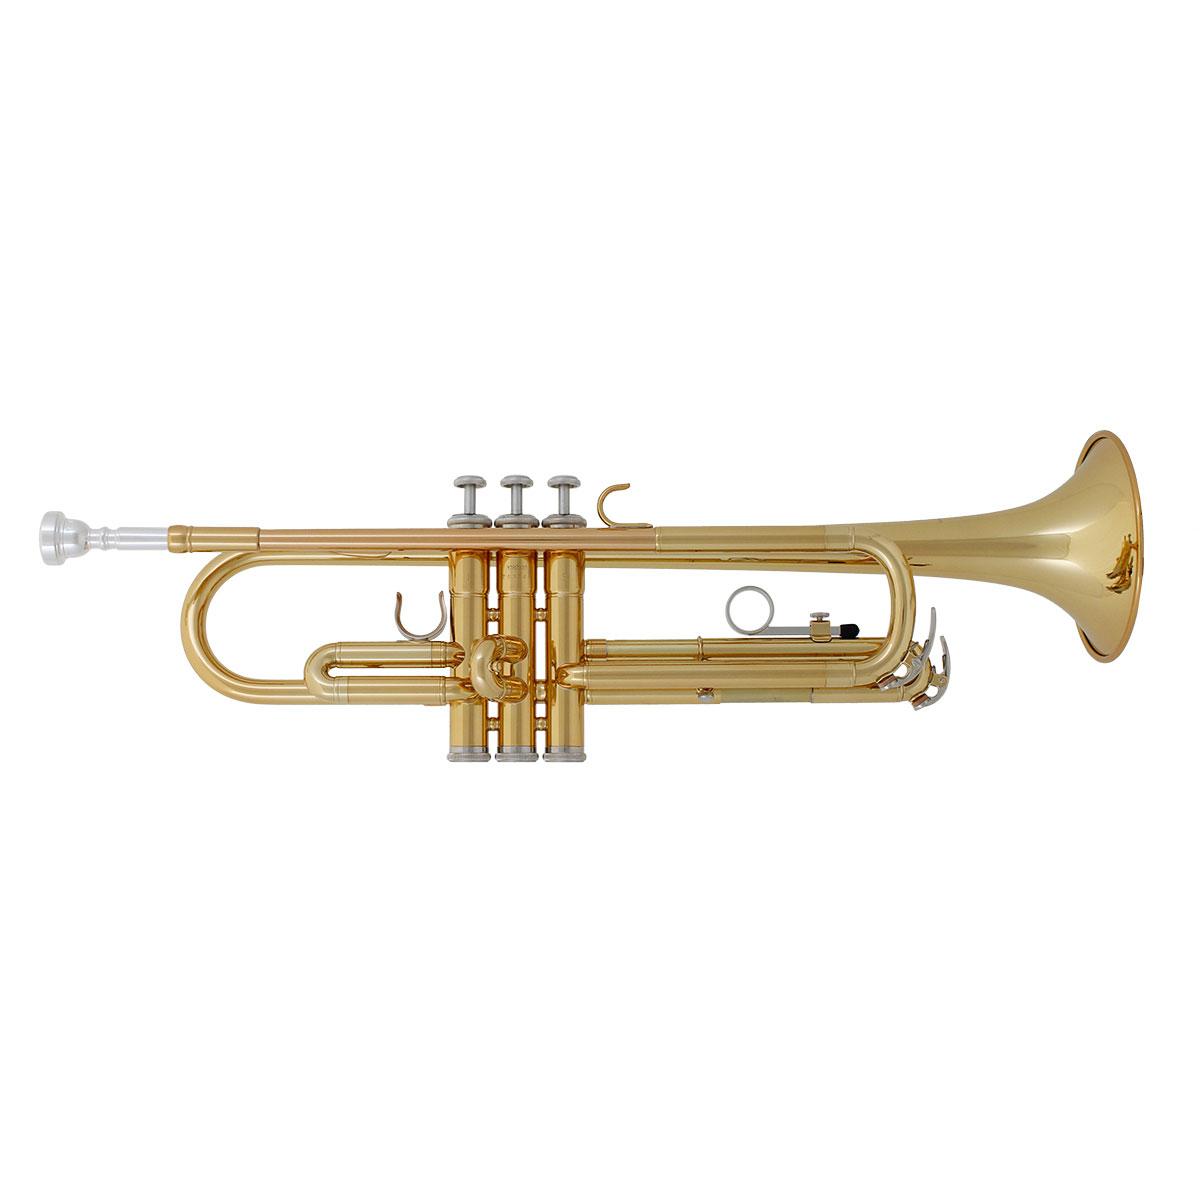 yamaha ytr 2330 trumpet buy online free. Black Bedroom Furniture Sets. Home Design Ideas